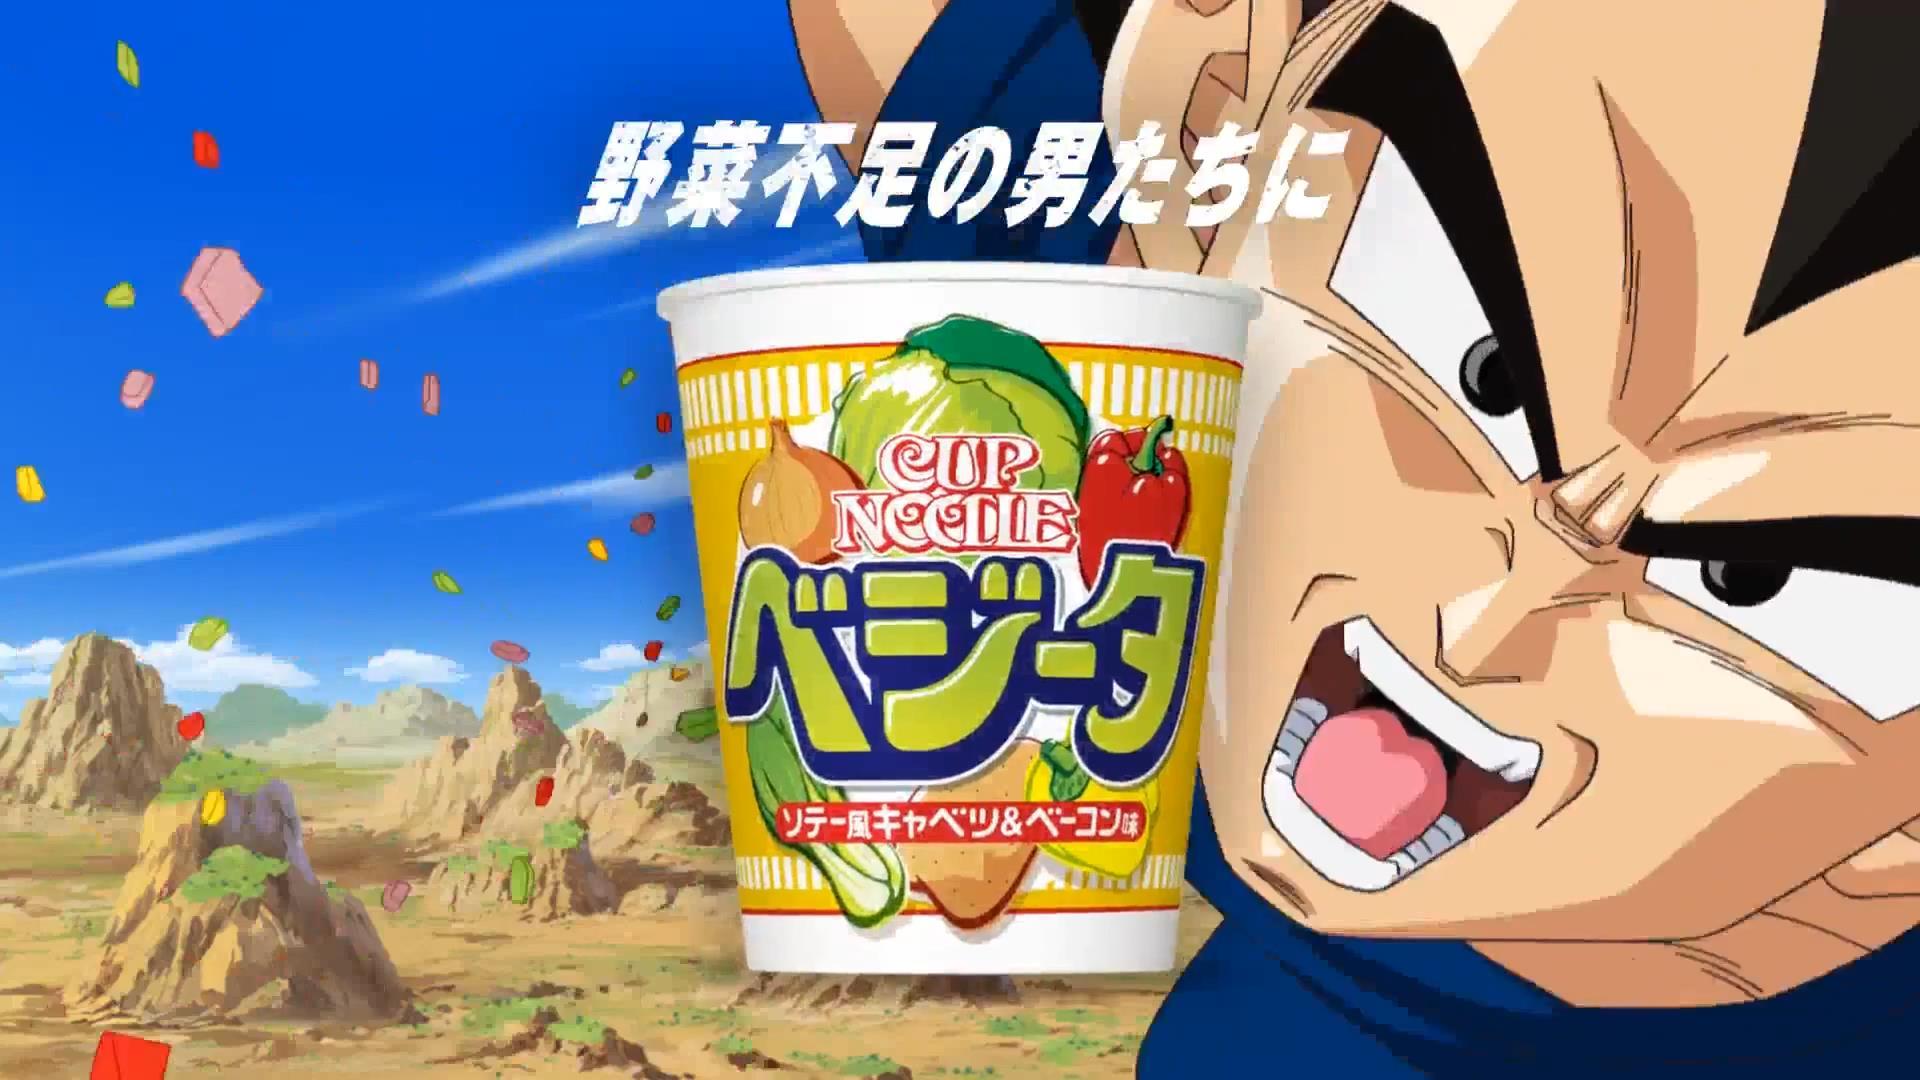 Vegeta's Noodle Cup CM